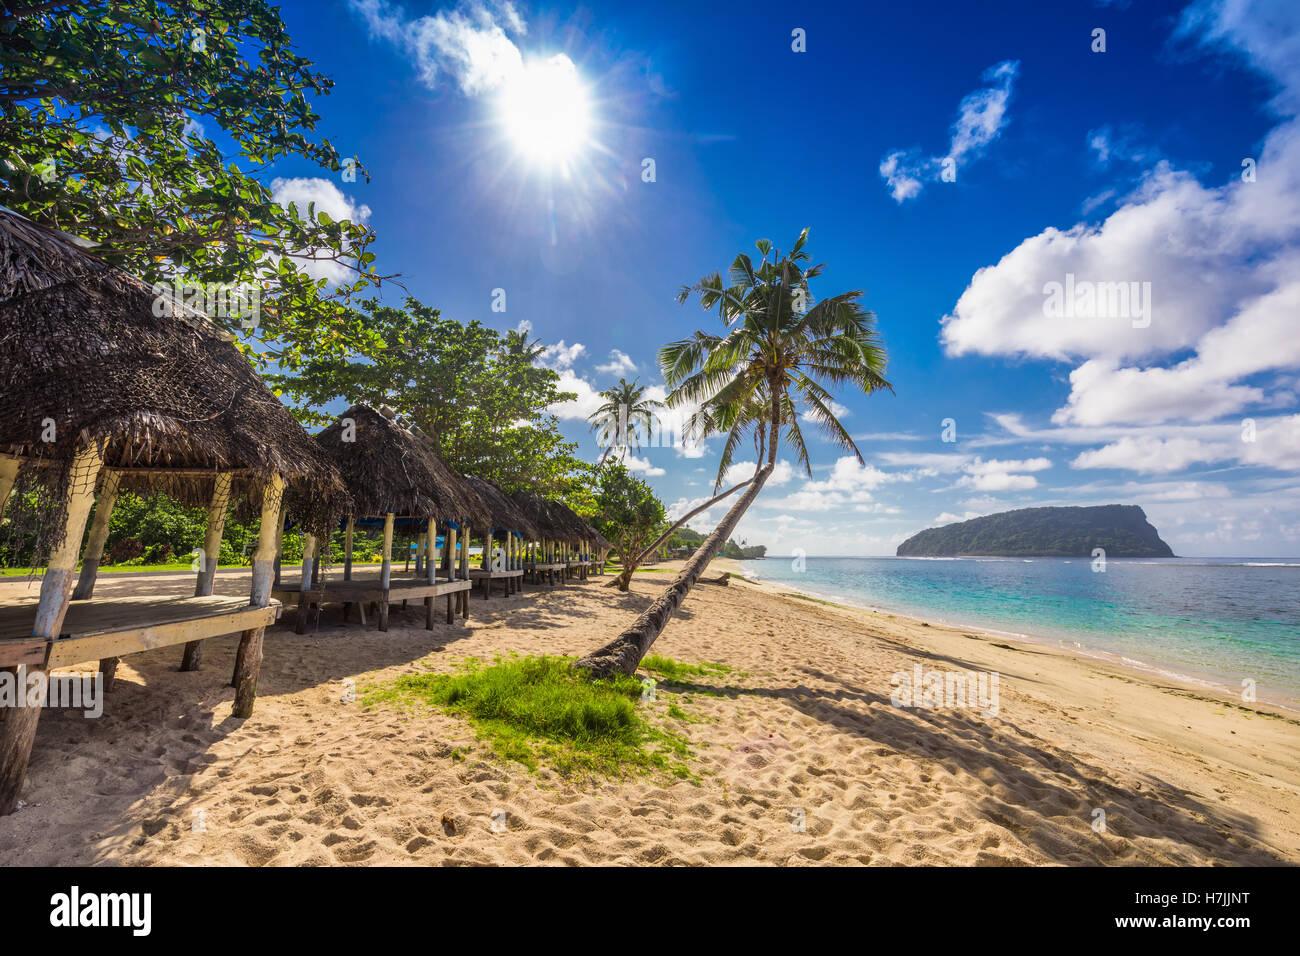 Una playa tropical con palmeras de coco y una playa, Islas Samoa fales Imagen De Stock